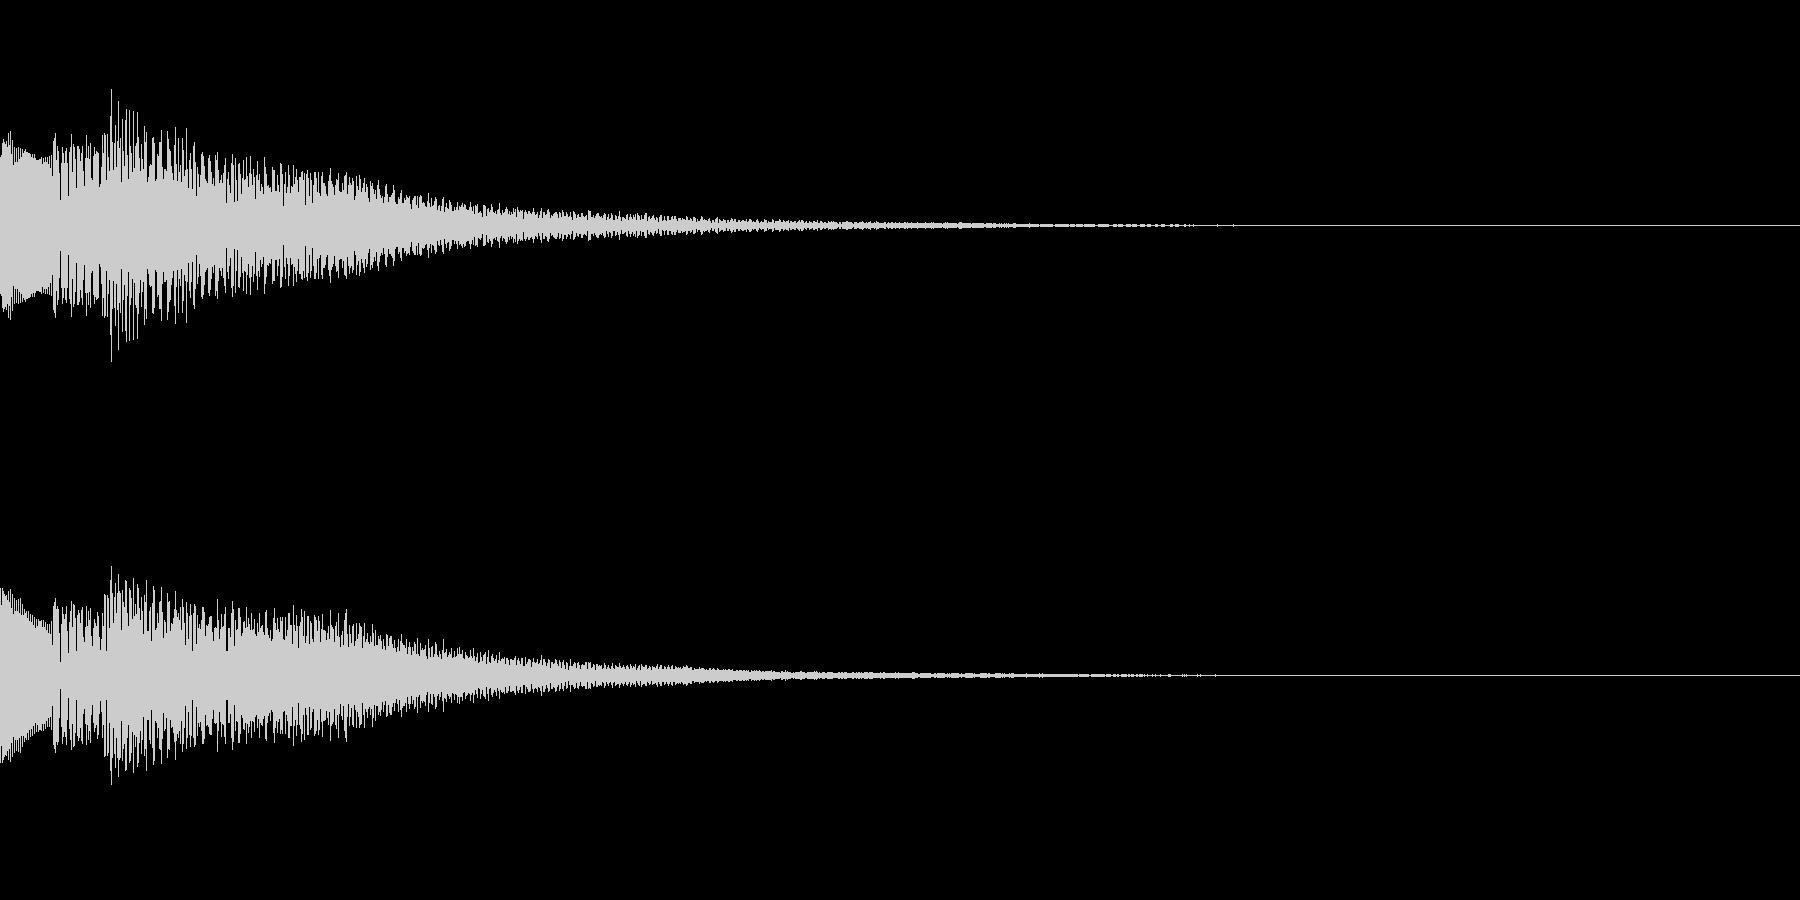 綺麗なボタン音04の未再生の波形